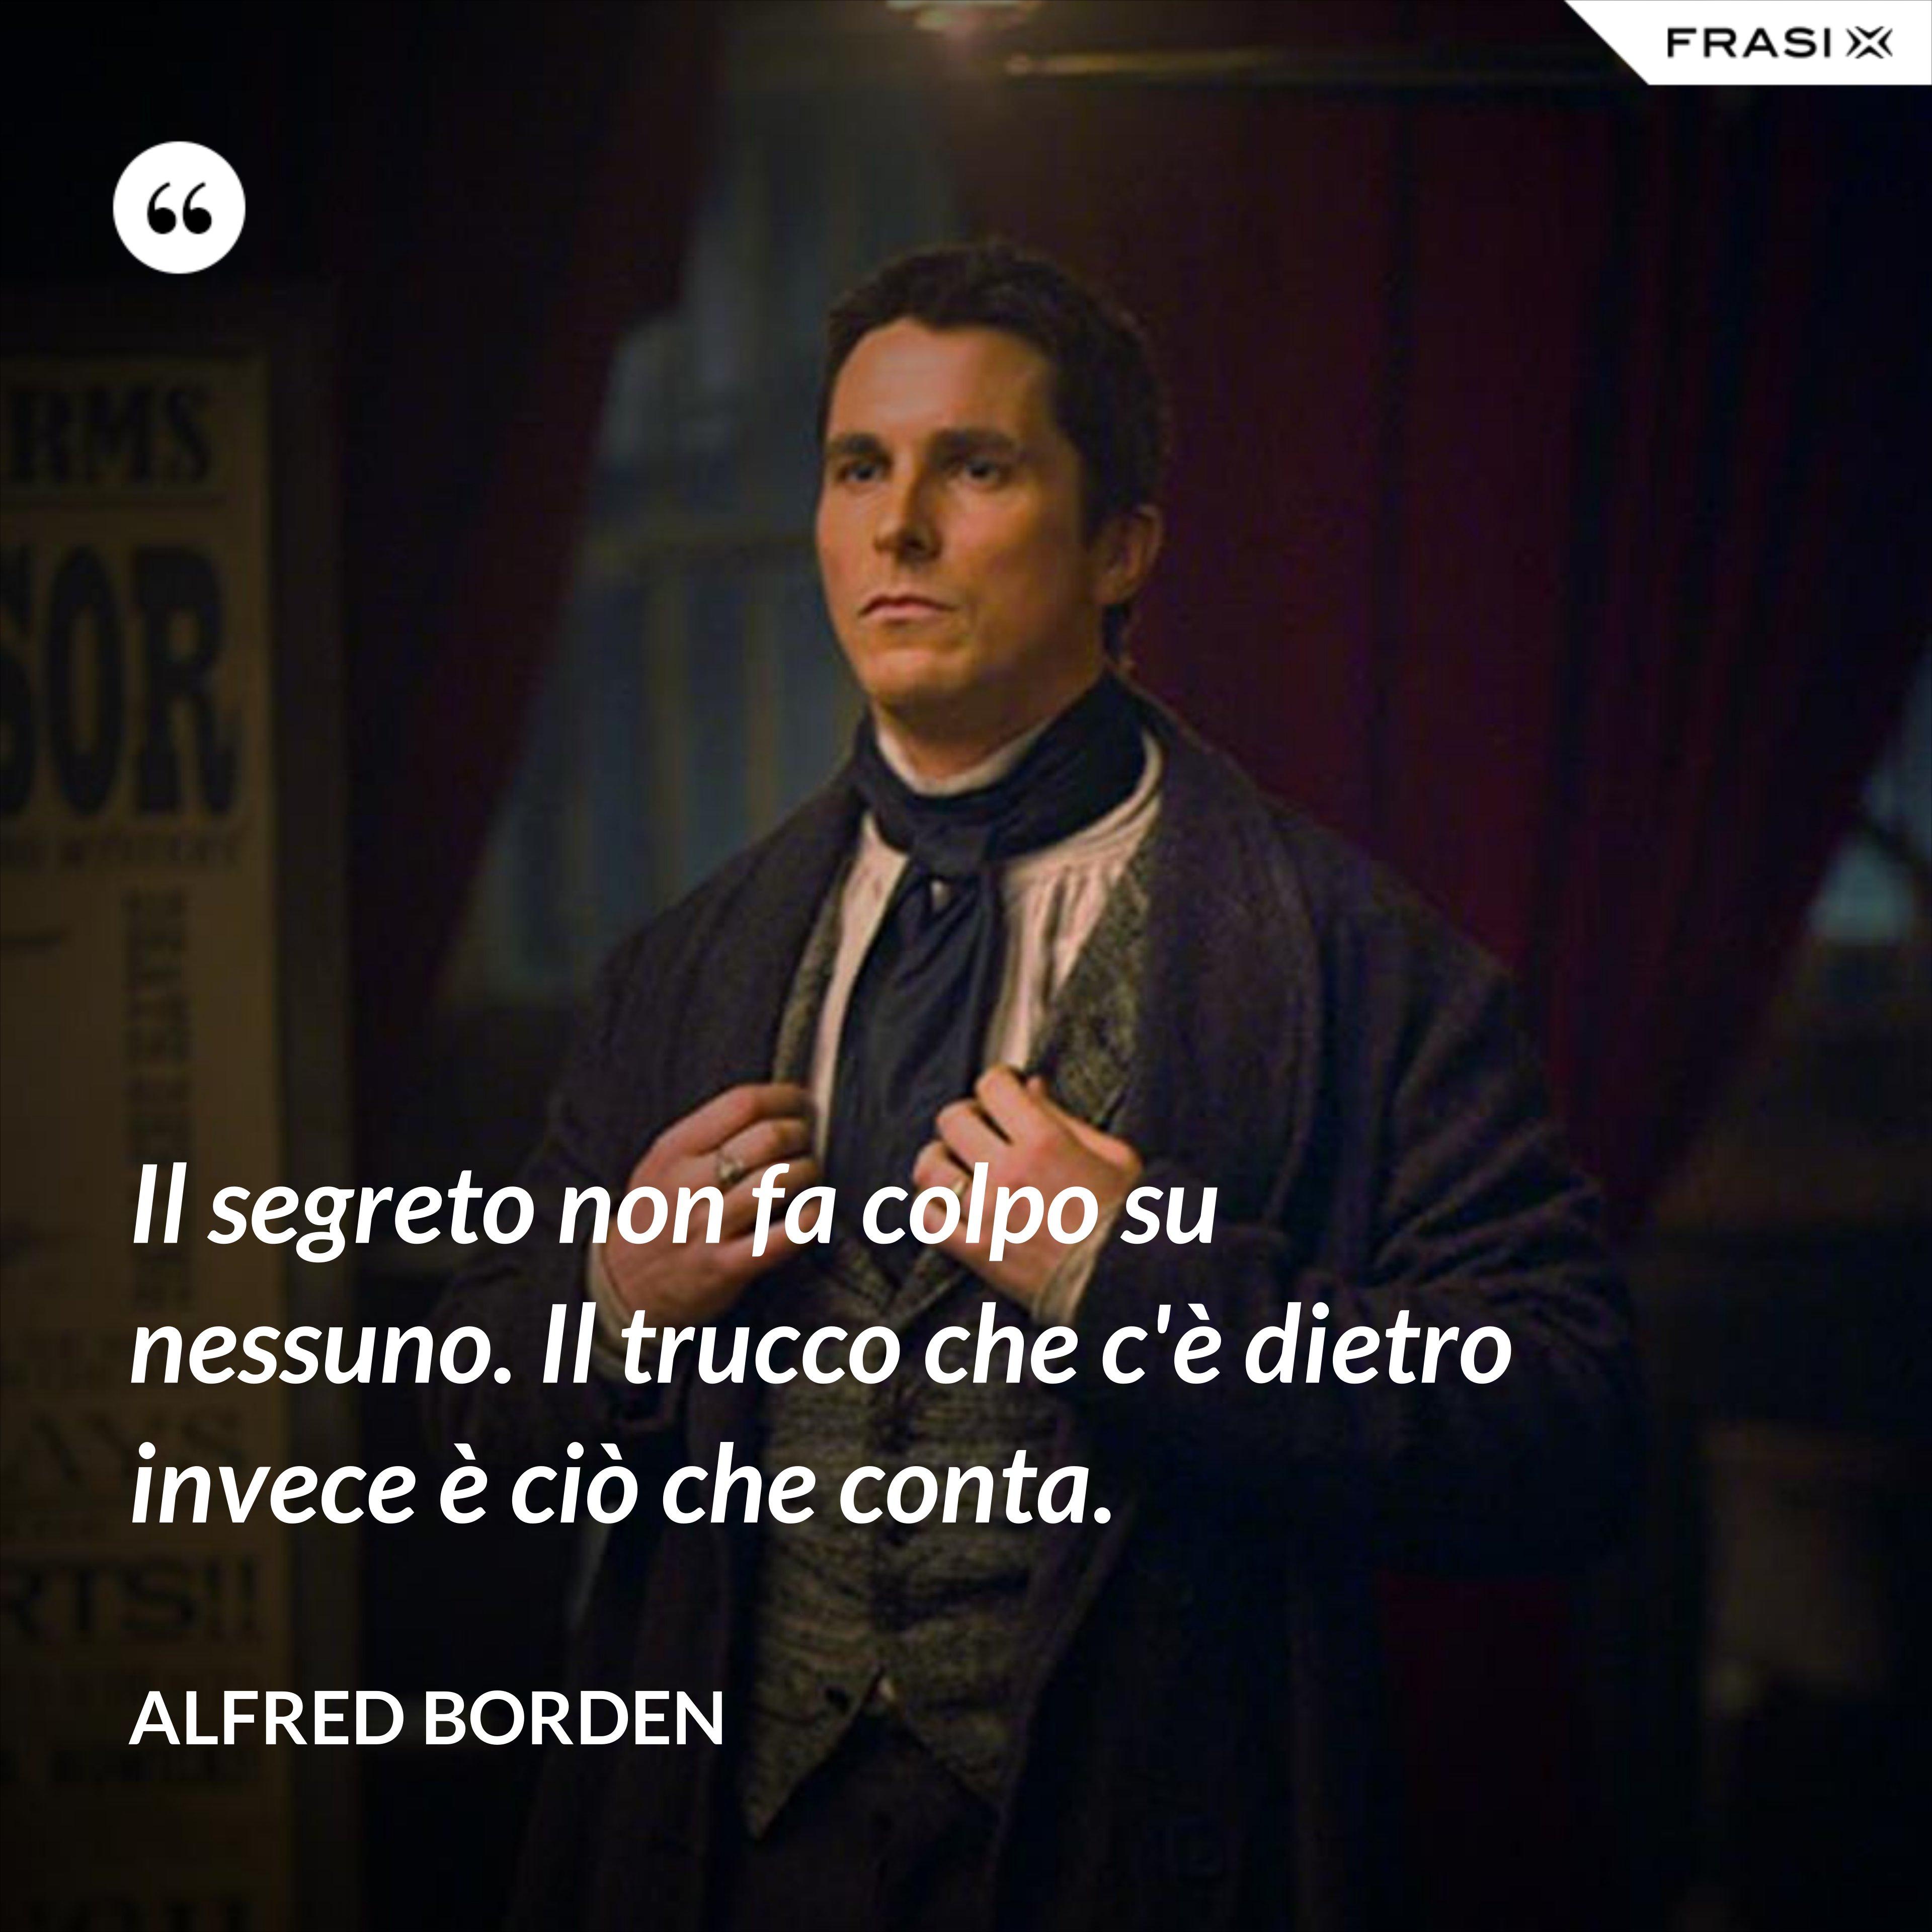 Il segreto non fa colpo su nessuno. Il trucco che c'è dietro invece è ciò che conta. - Alfred Borden